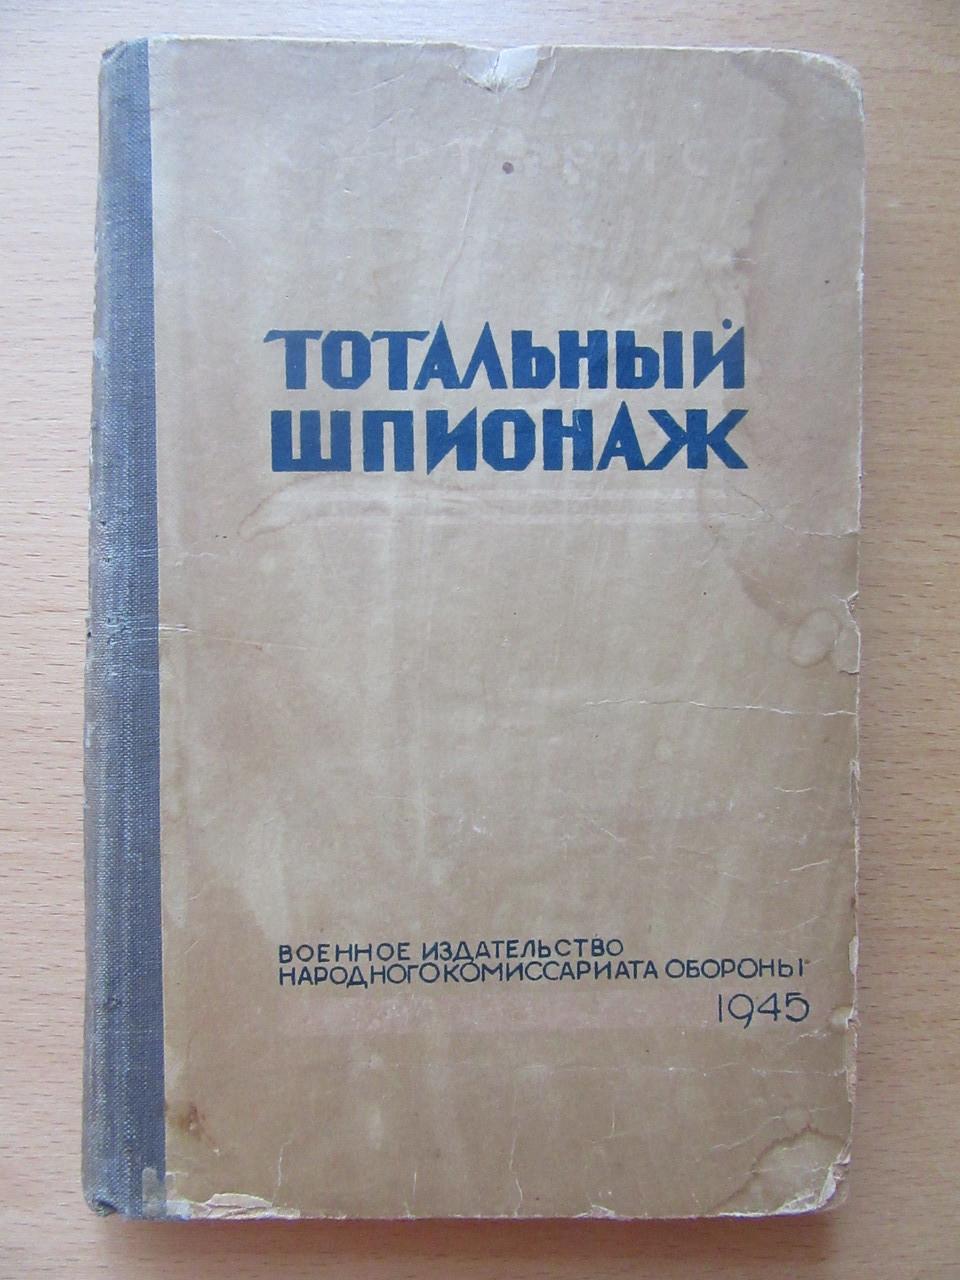 Курт Рисс. Тотальный шпионаж. 1945г